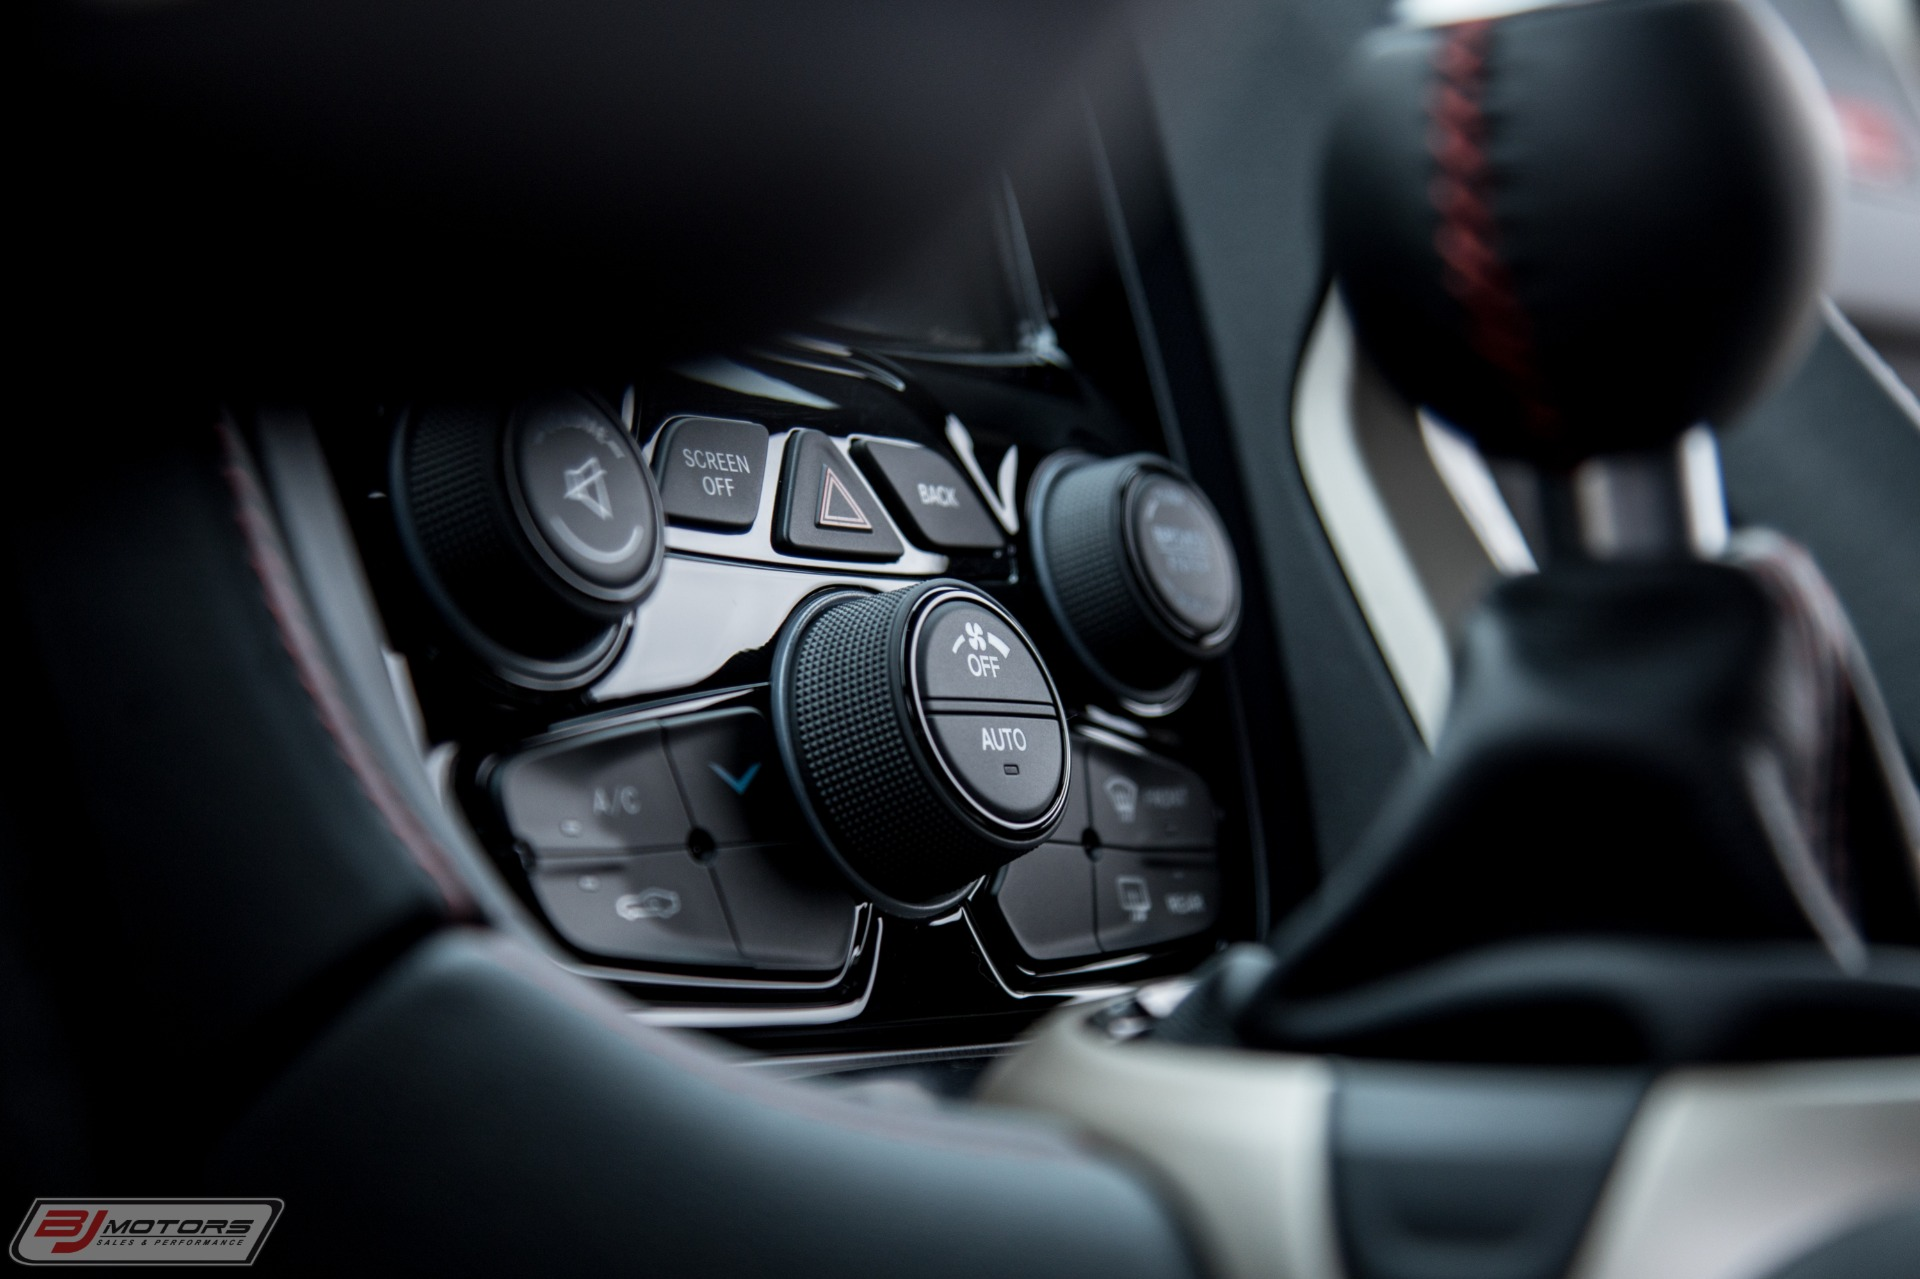 Used-2017-Dodge-Viper-128-Edition